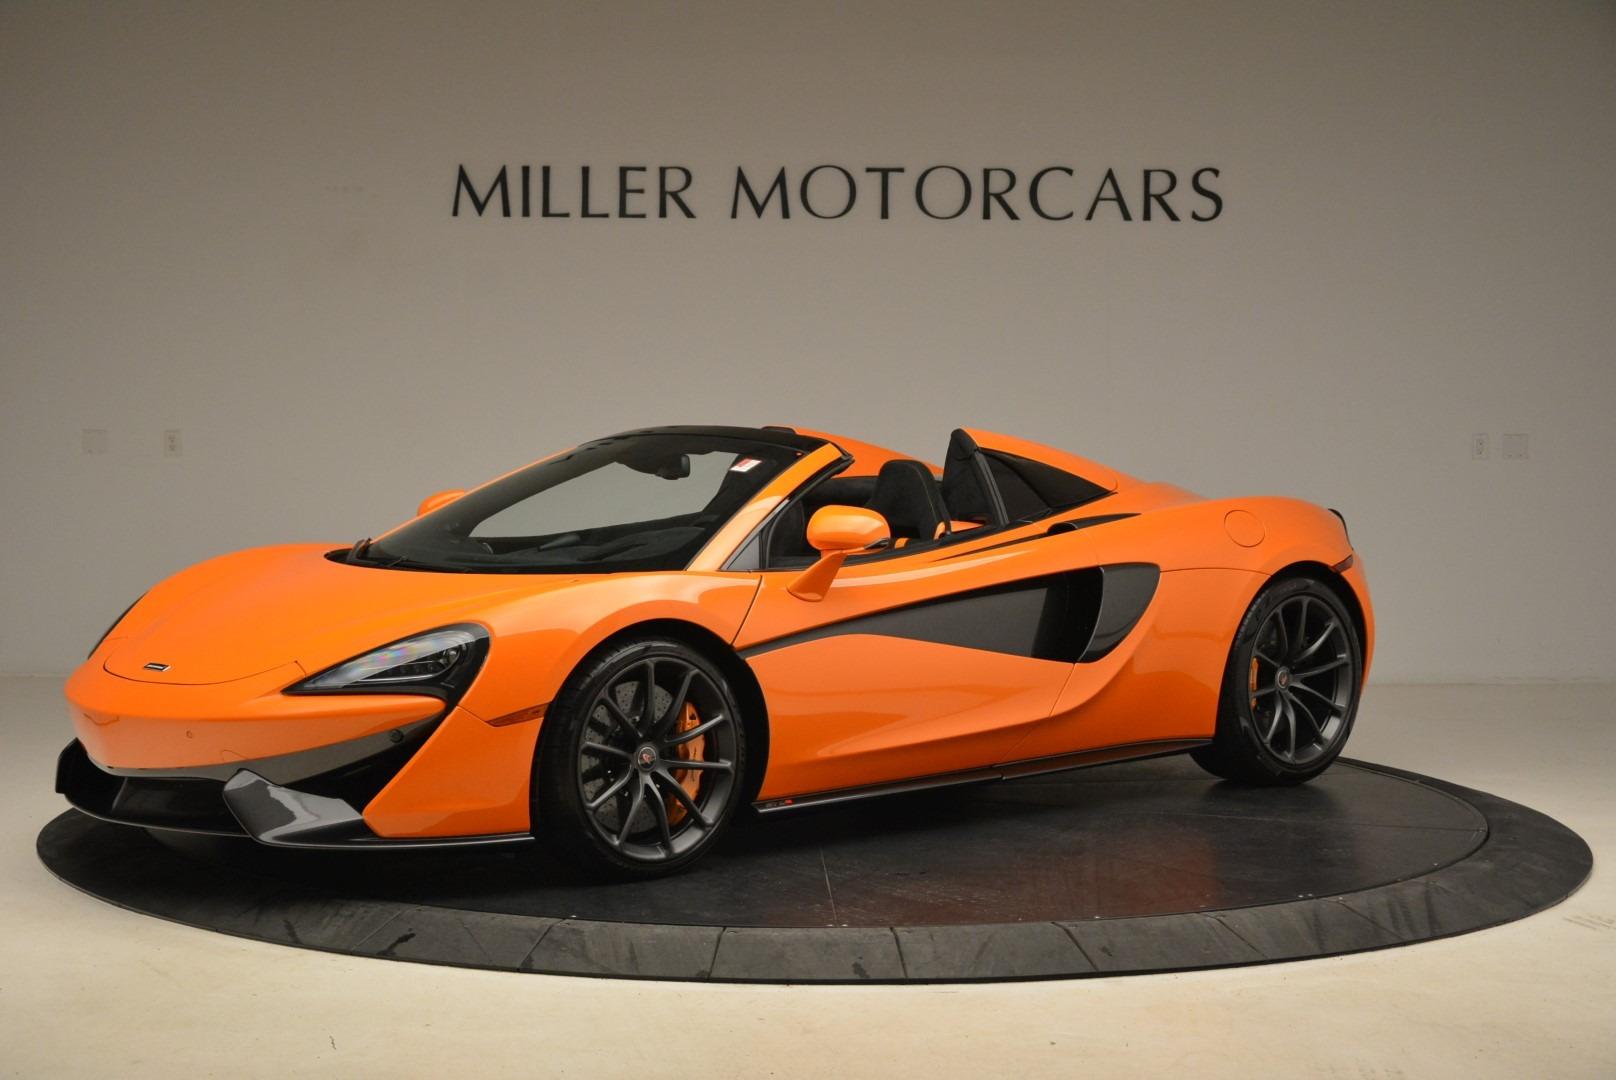 Used 2018 McLaren 570S Spider Convertible For Sale In Westport, CT 2188_p2